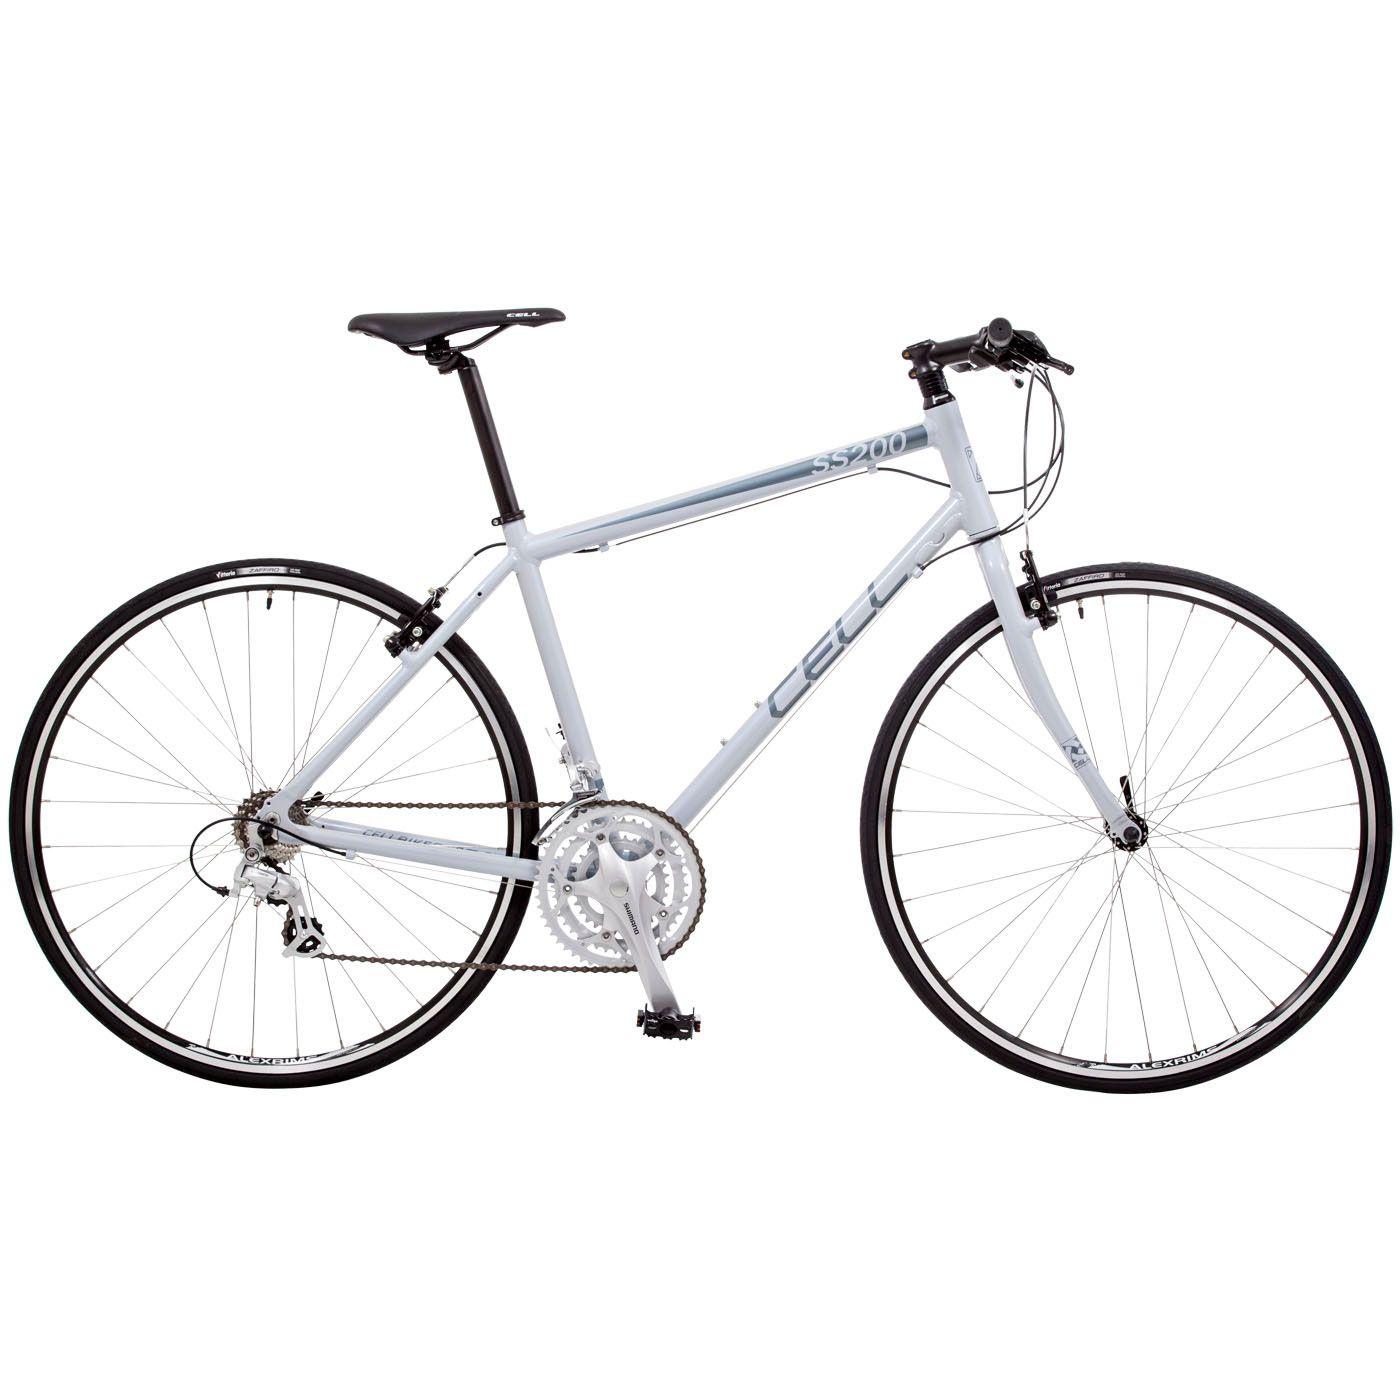 Cell Ss200 Flat Bar Road Bike Bike Flat Bar Road Bike Biking